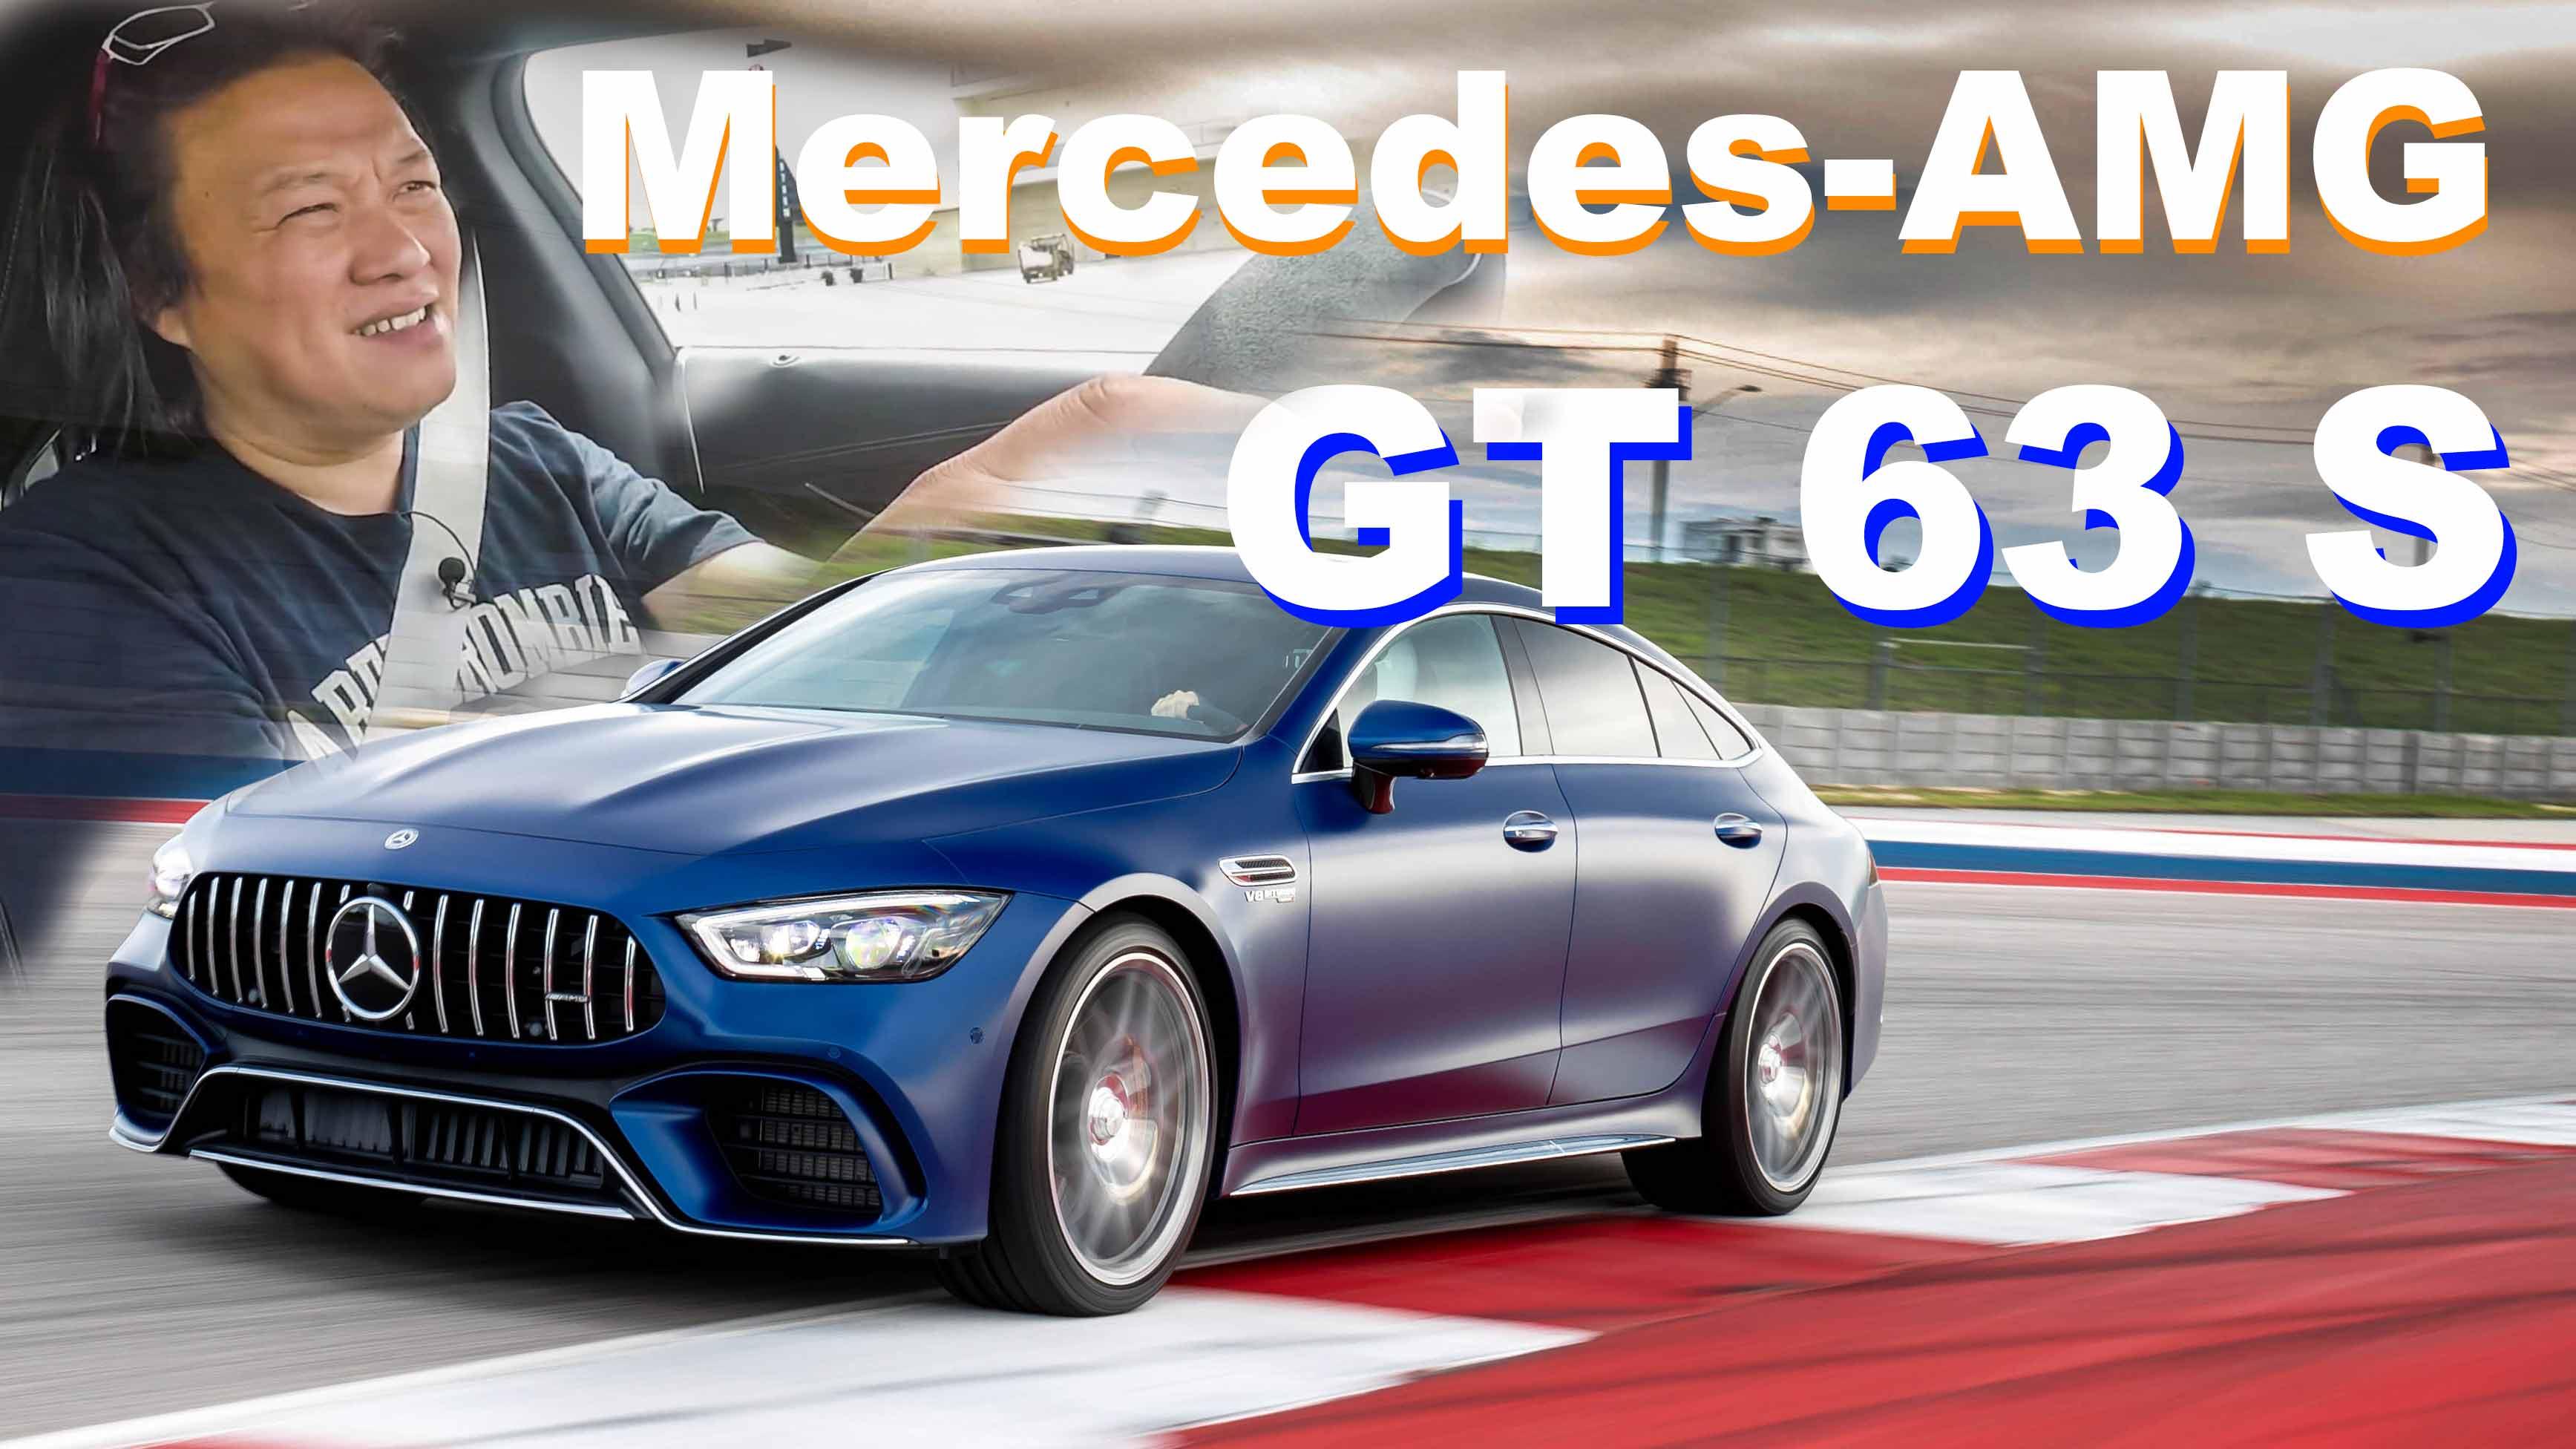 理性與感性的交織巨作|Mercedes-AMG GT 63 S 美國試駕